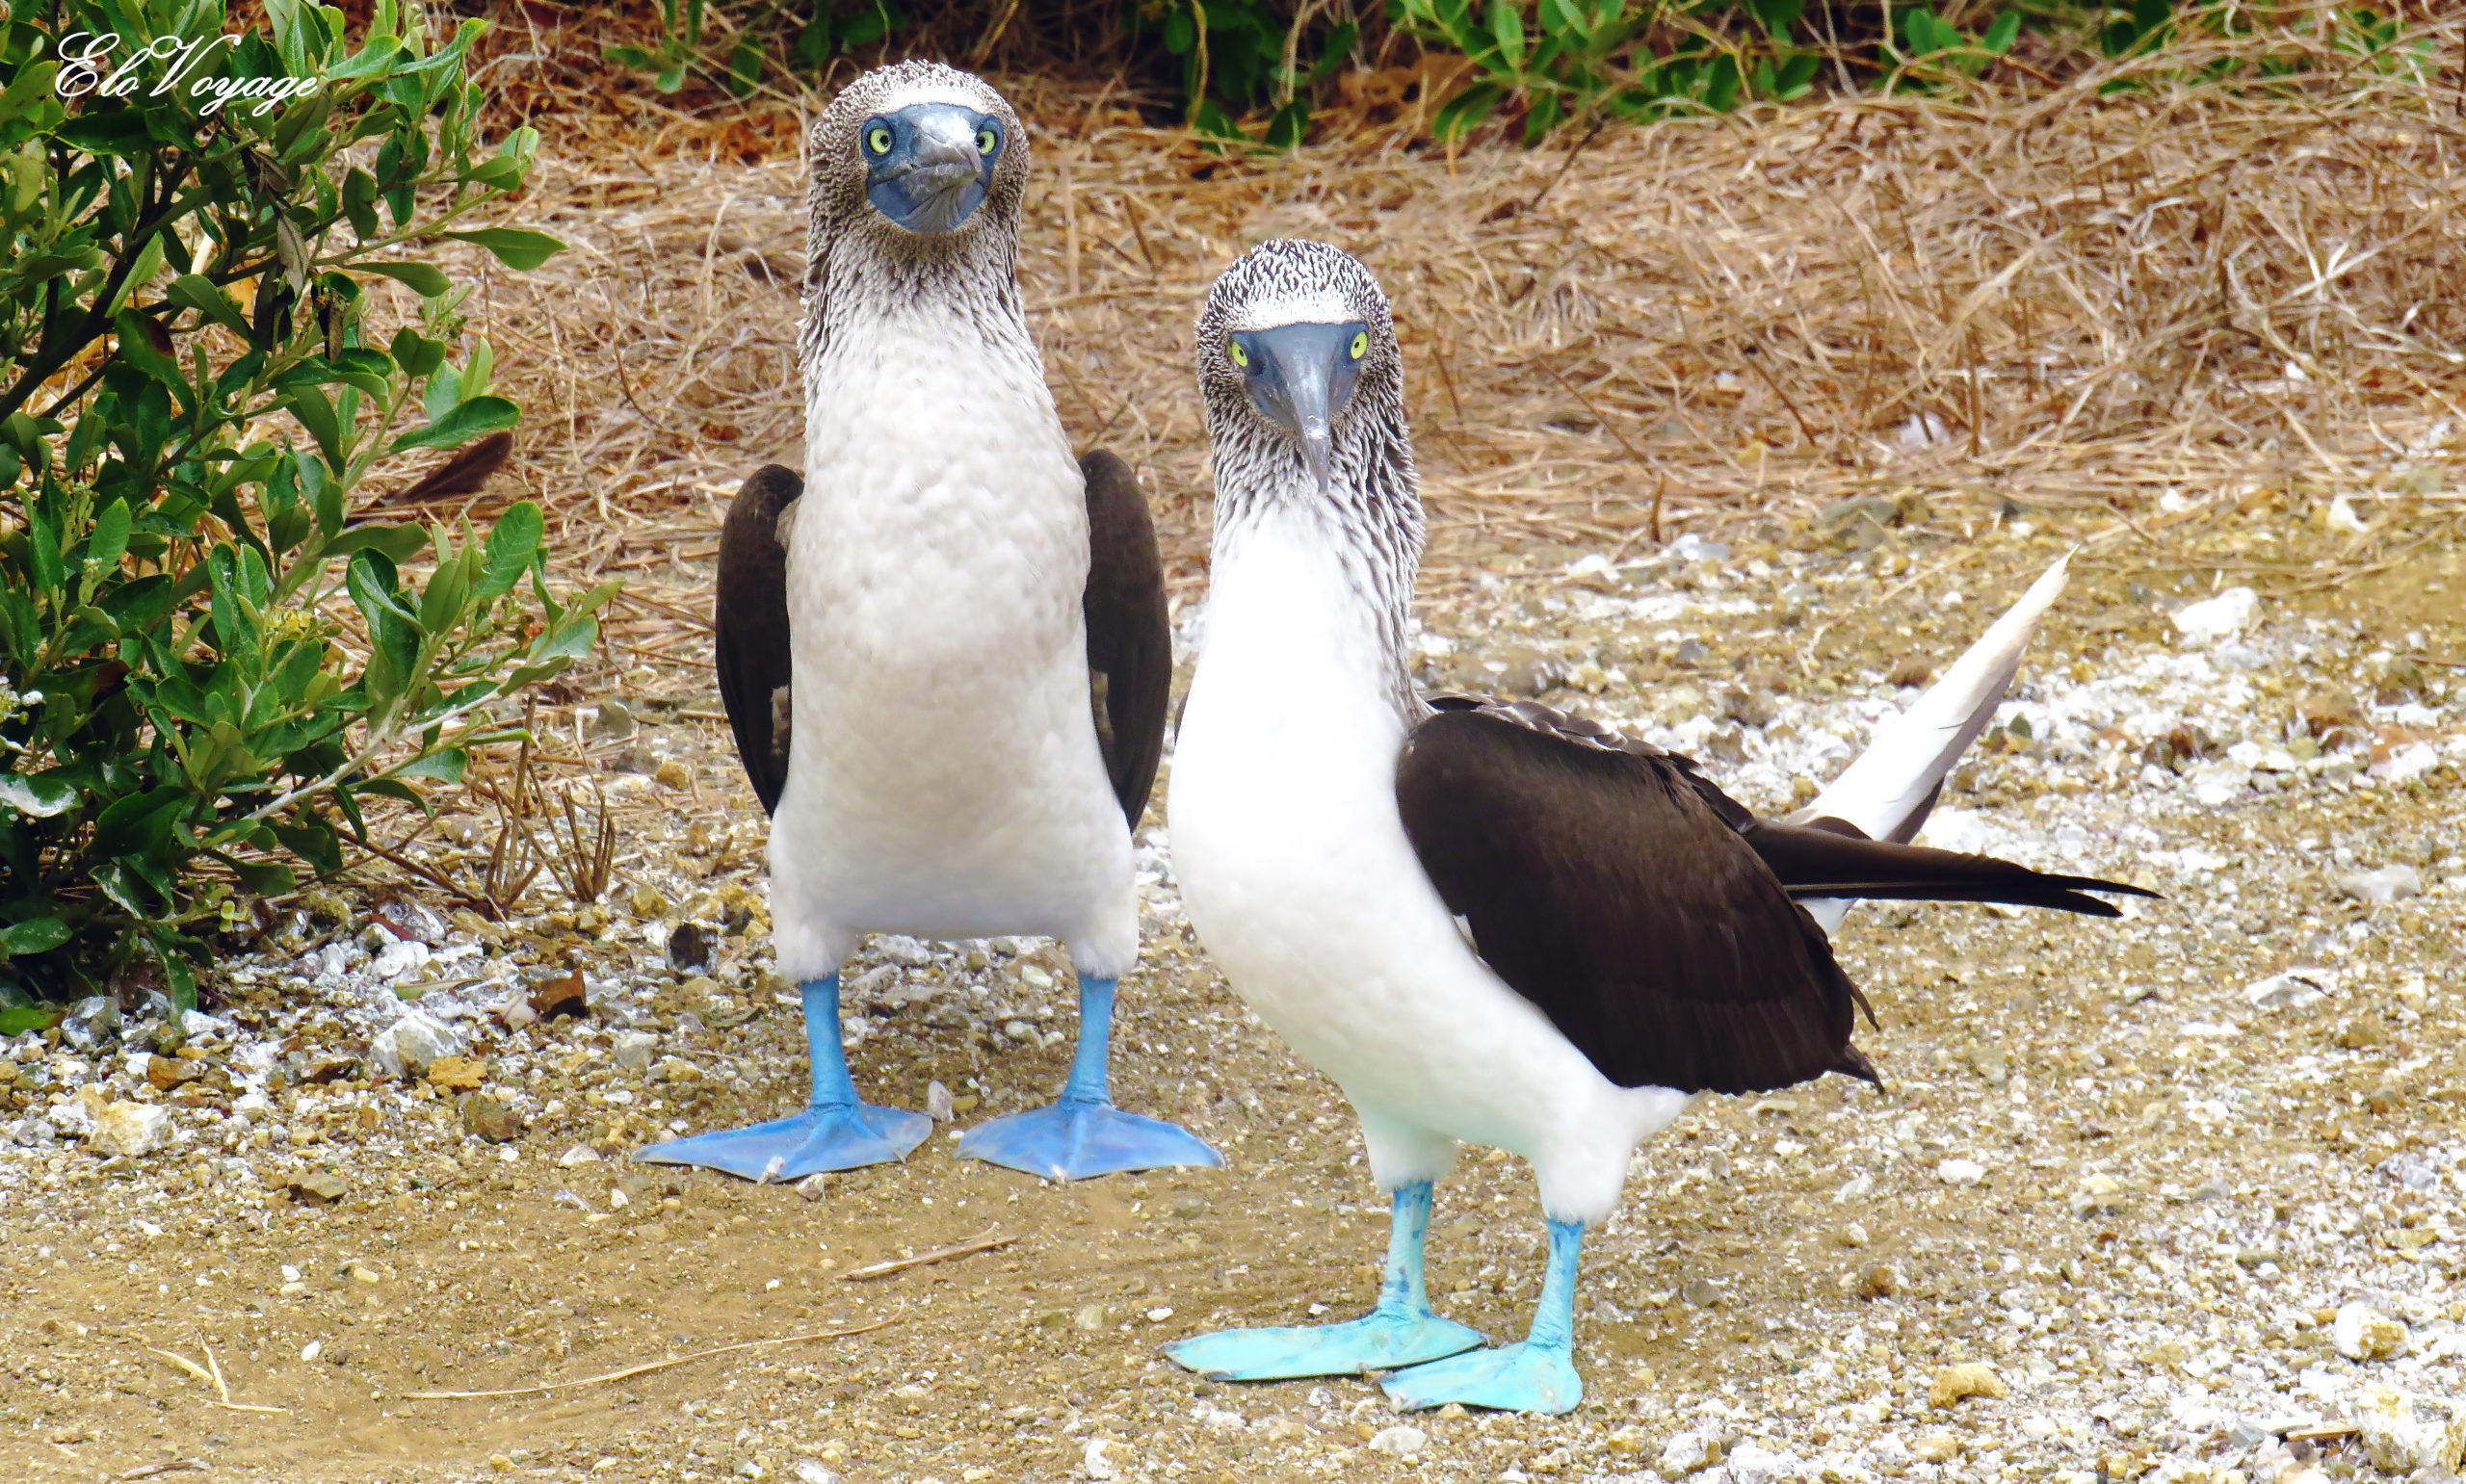 fous à pattes bleues isla de la plata équateur